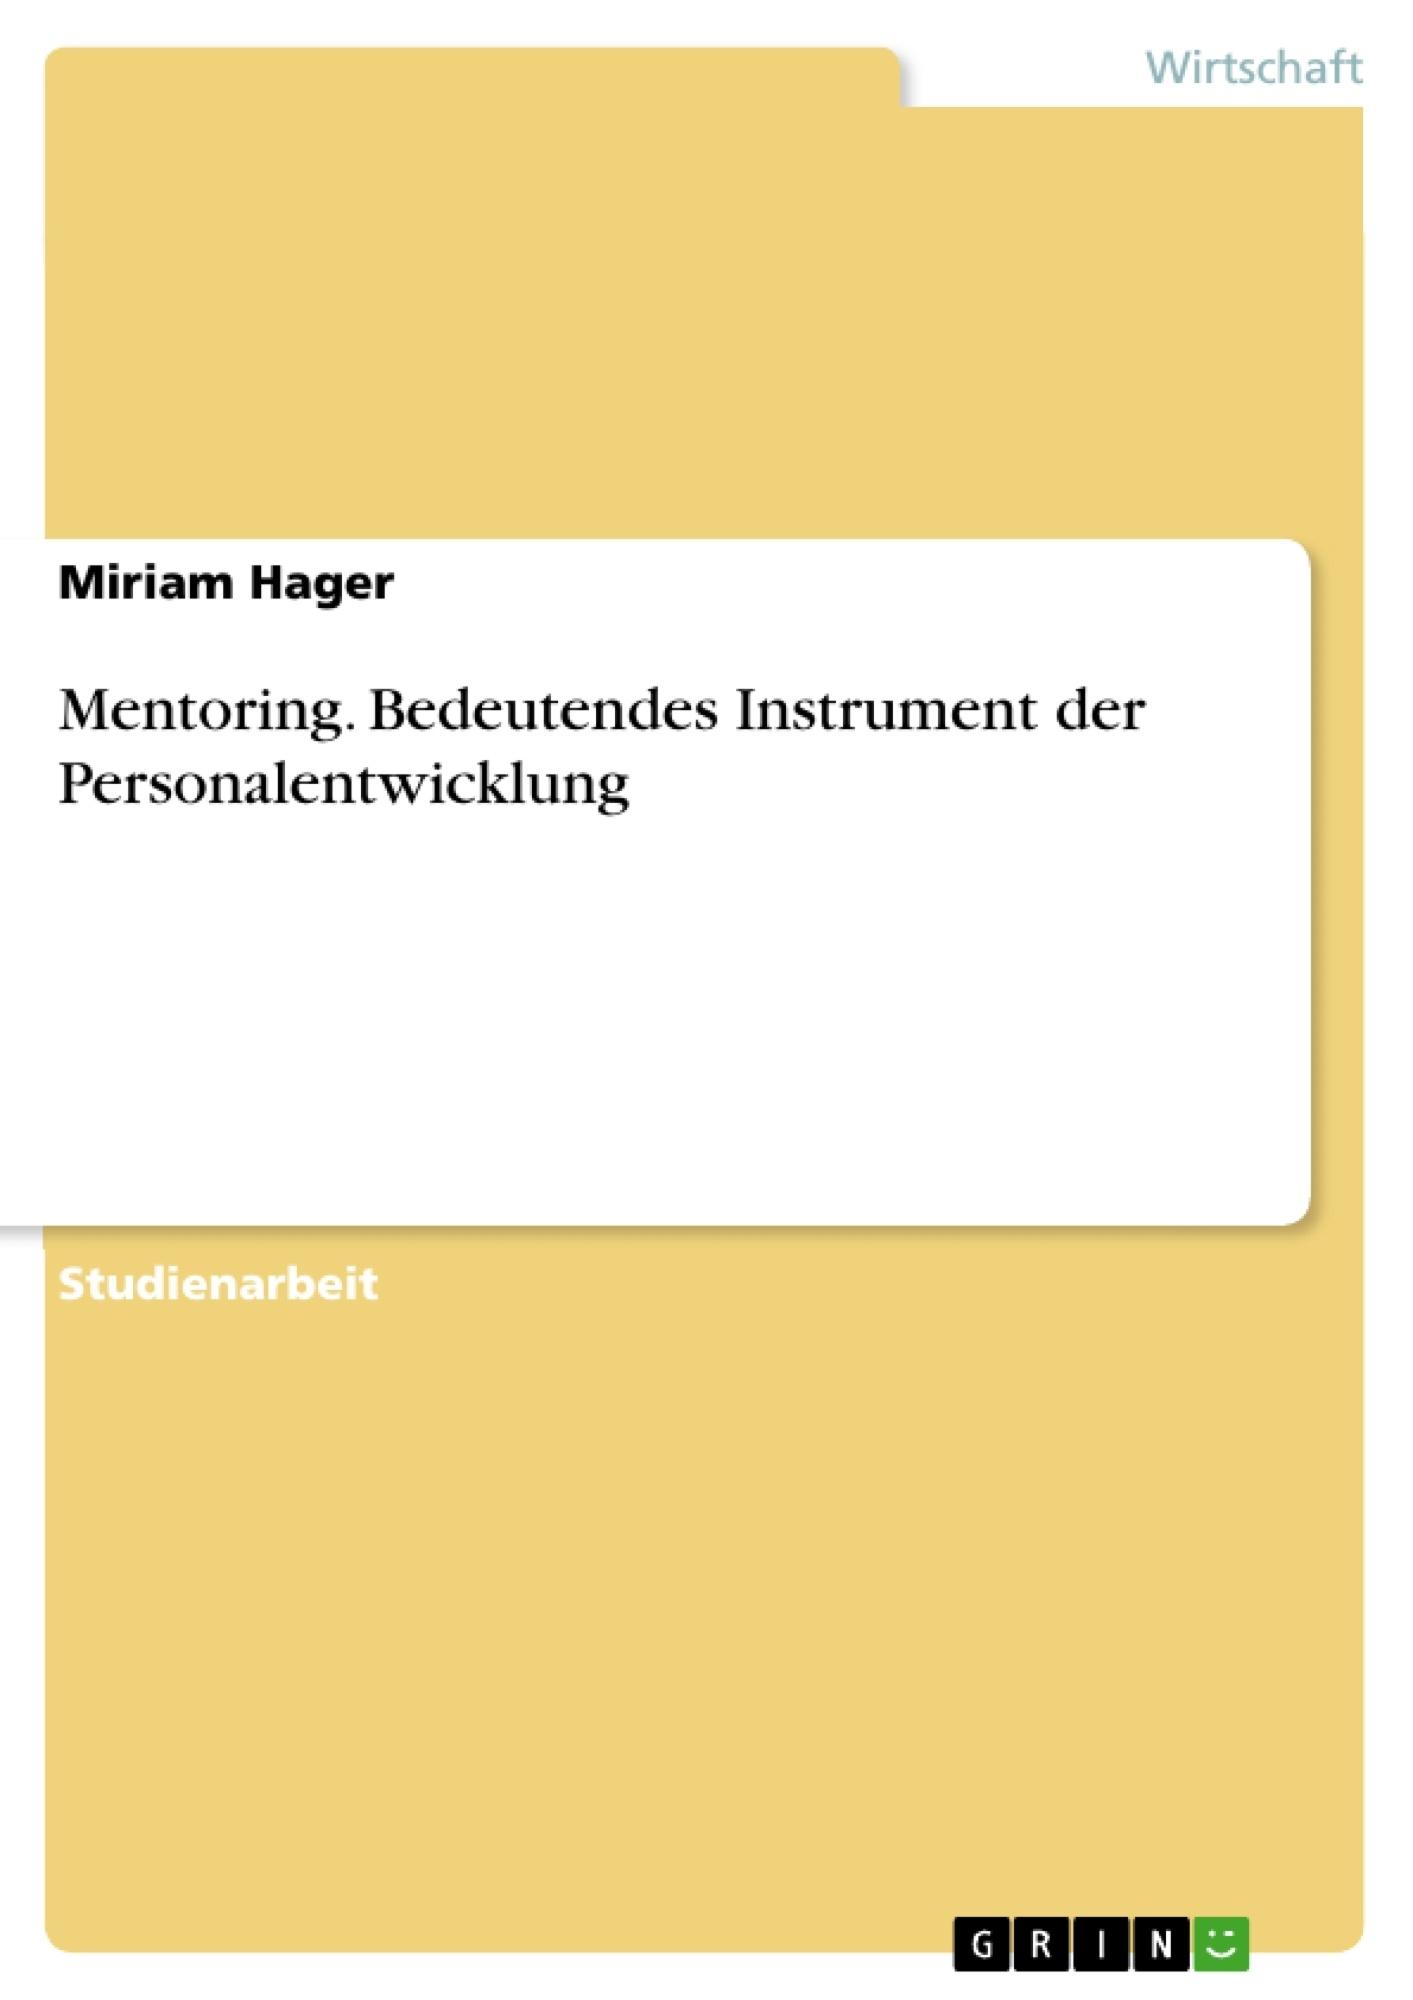 Titel: Mentoring. Bedeutendes Instrument der Personalentwicklung